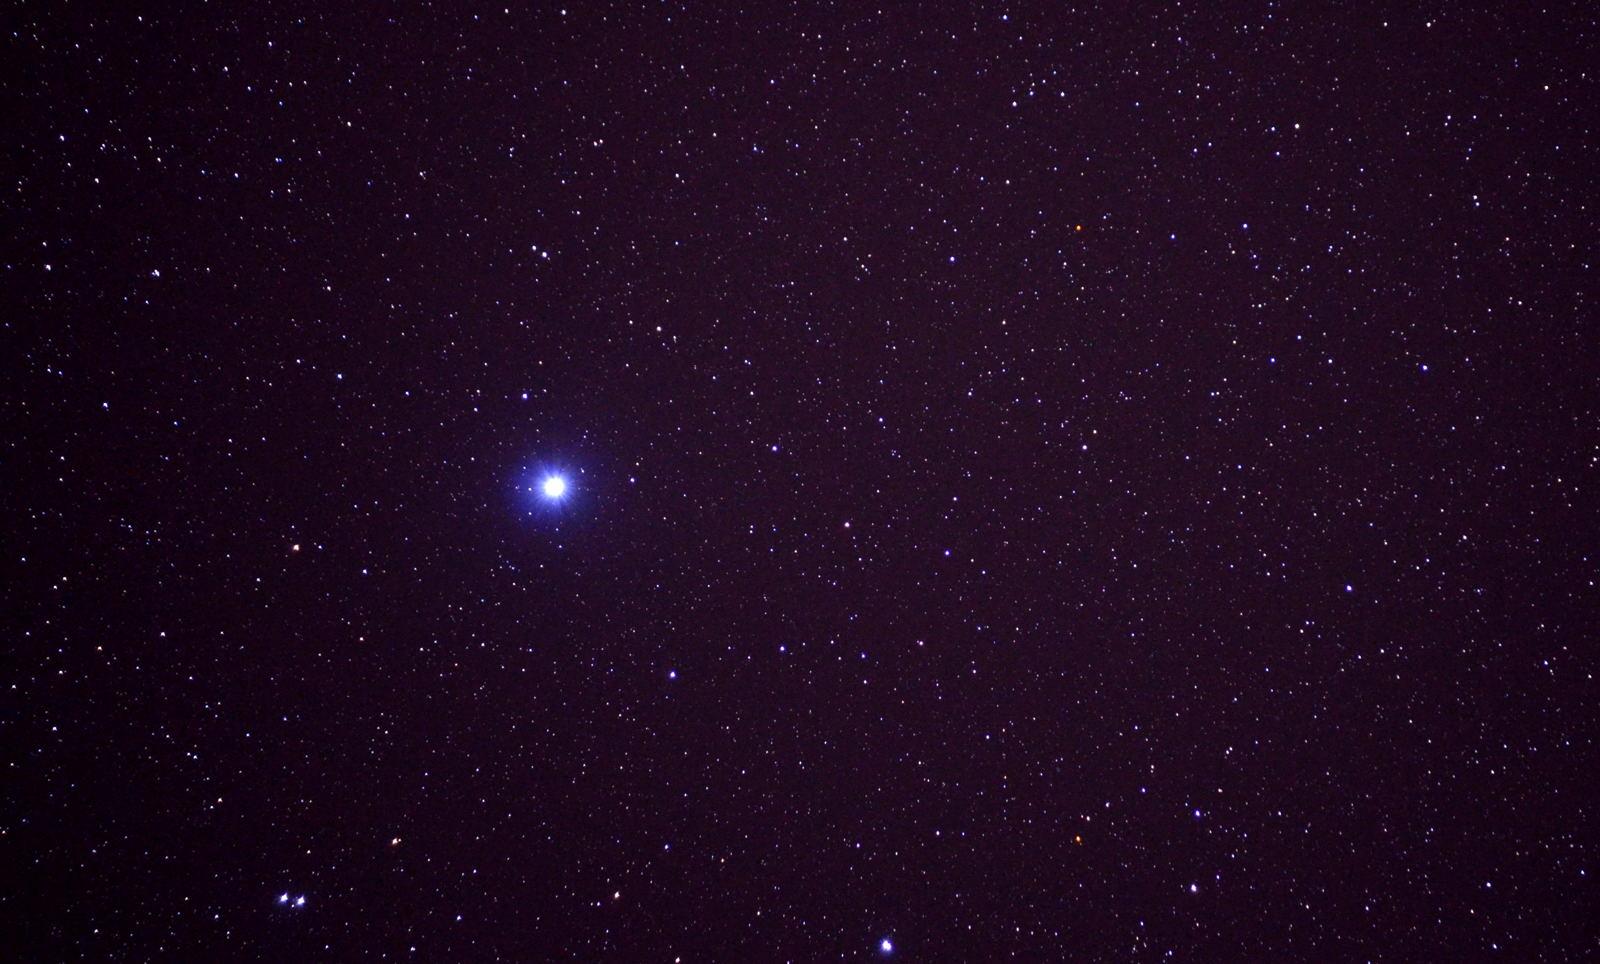 宇宙〜とてつもなく大きく、深い意識〜そして小さなスピリット。_b0298740_2155745.jpg